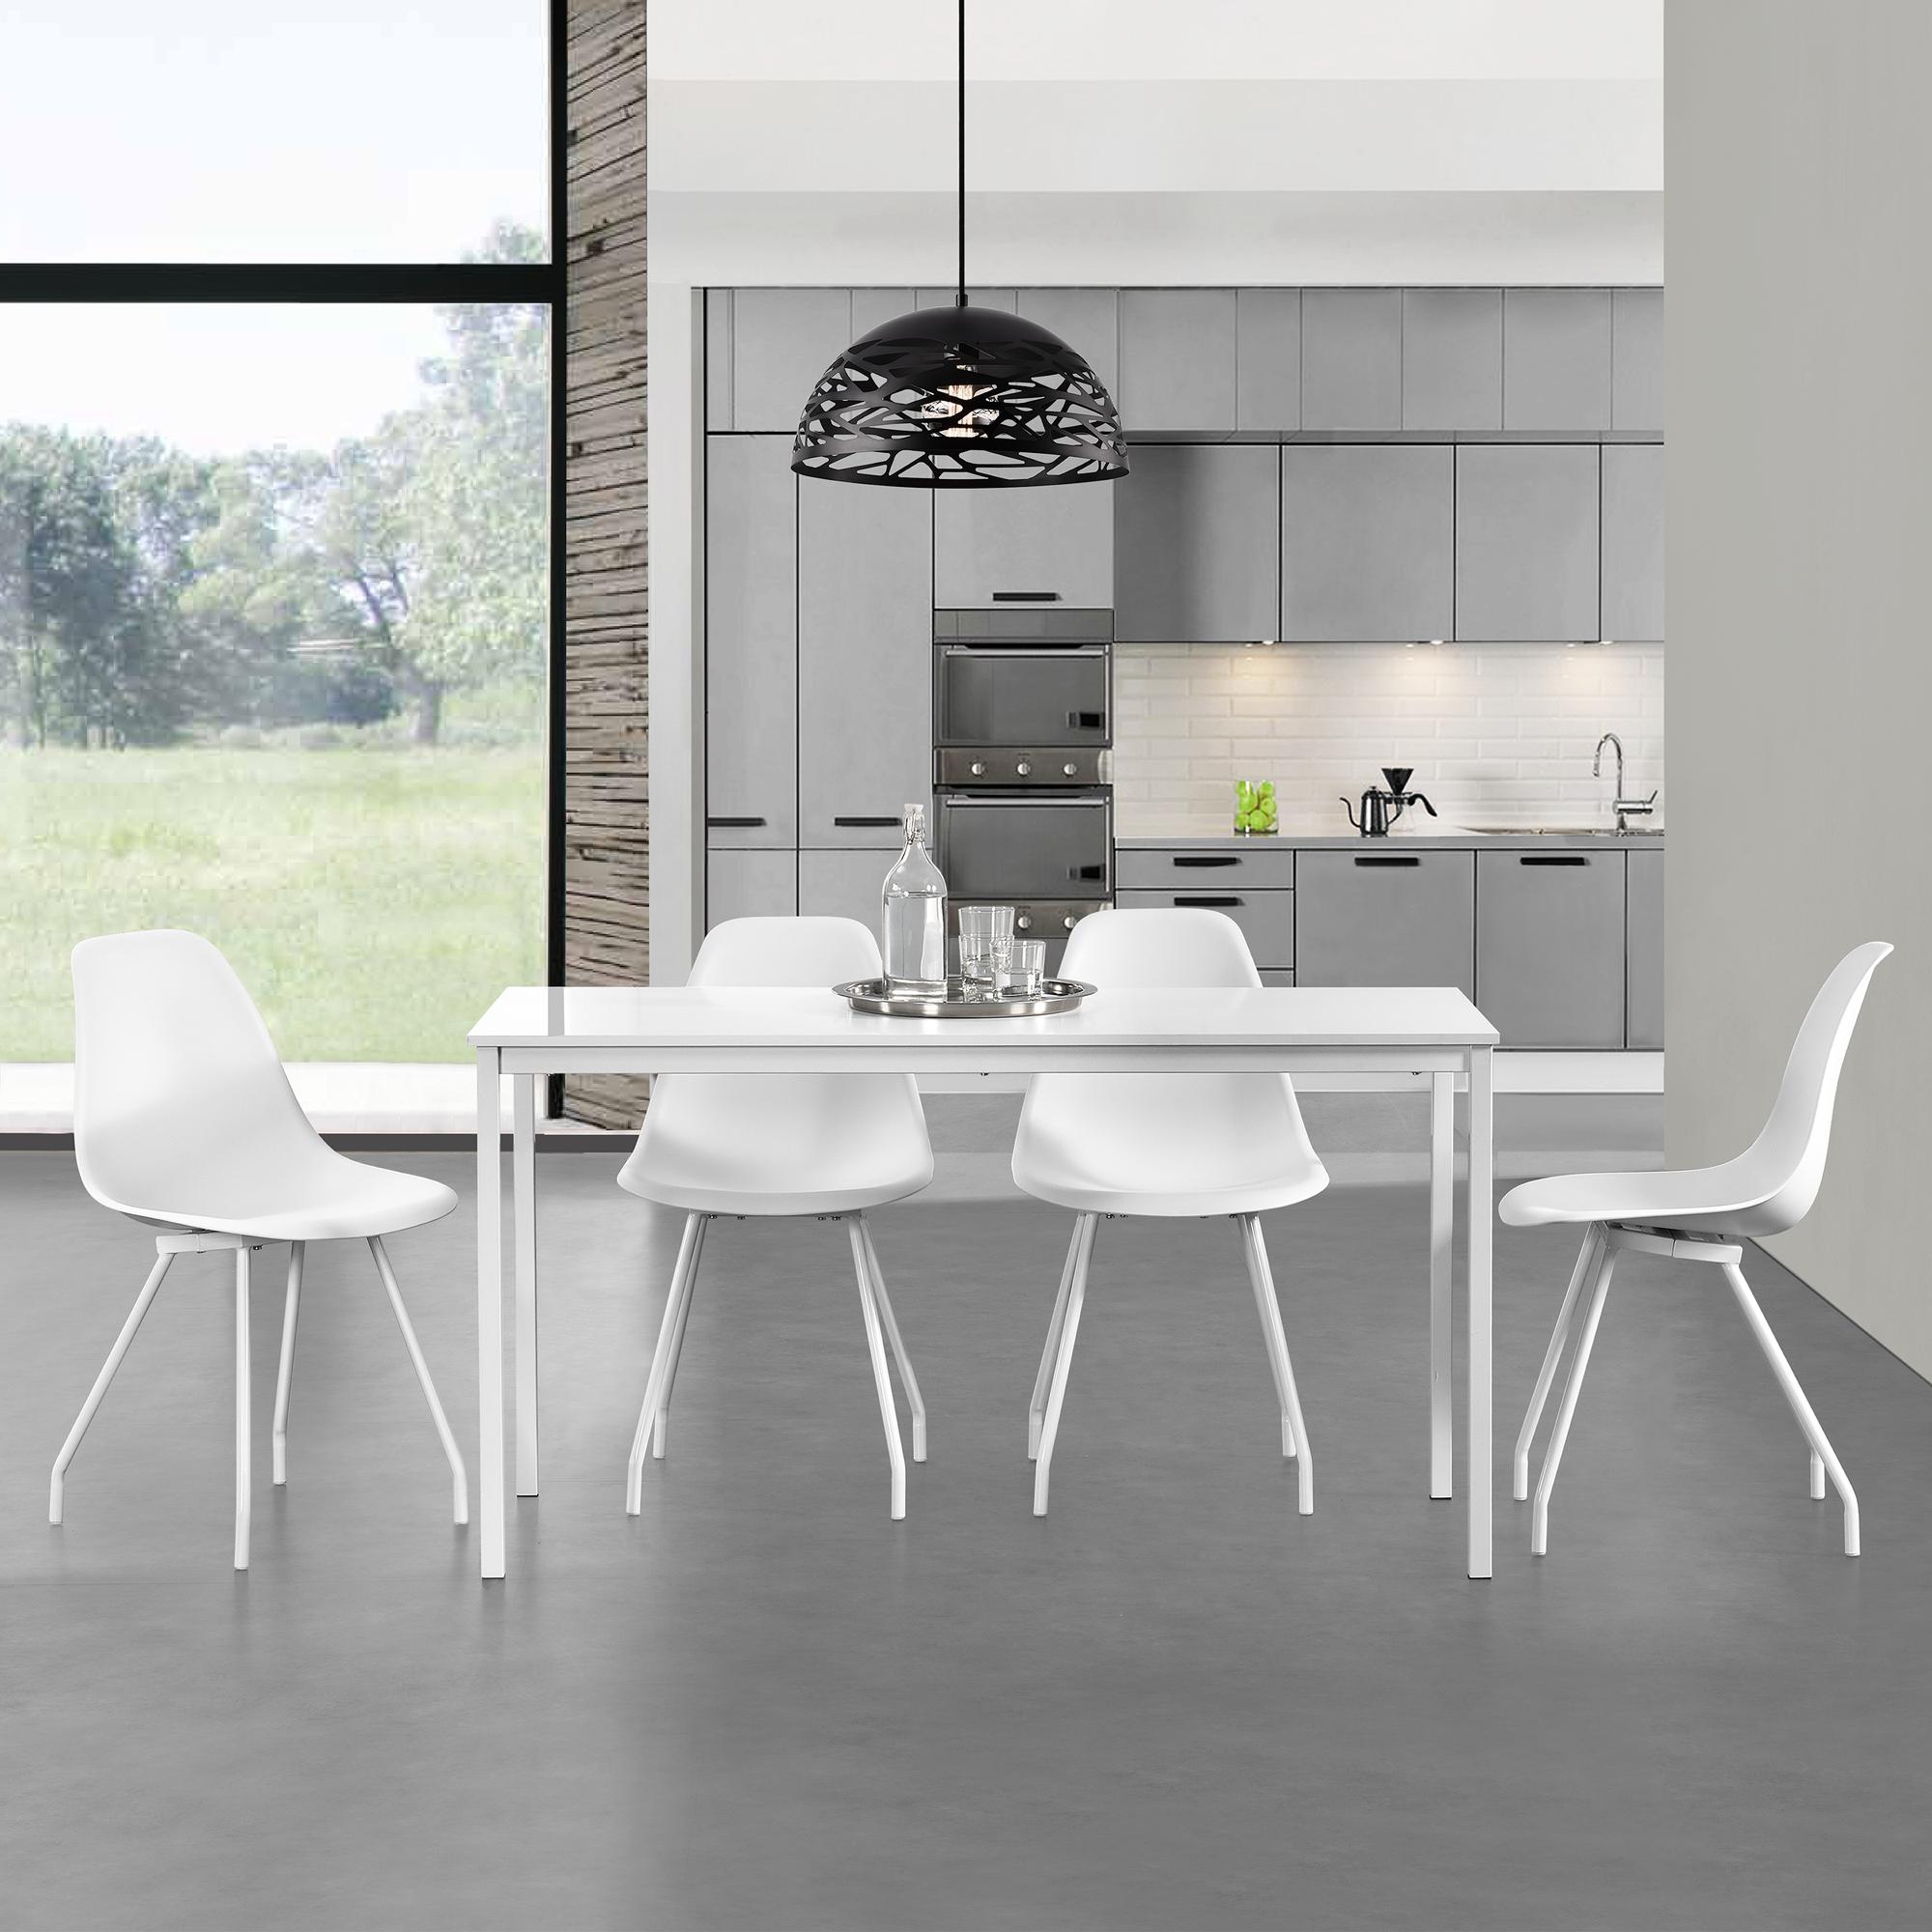 esstisch mit 4 st hlen wei 120x60cm k chentisch esszimmertisch 4059438104879 ebay. Black Bedroom Furniture Sets. Home Design Ideas